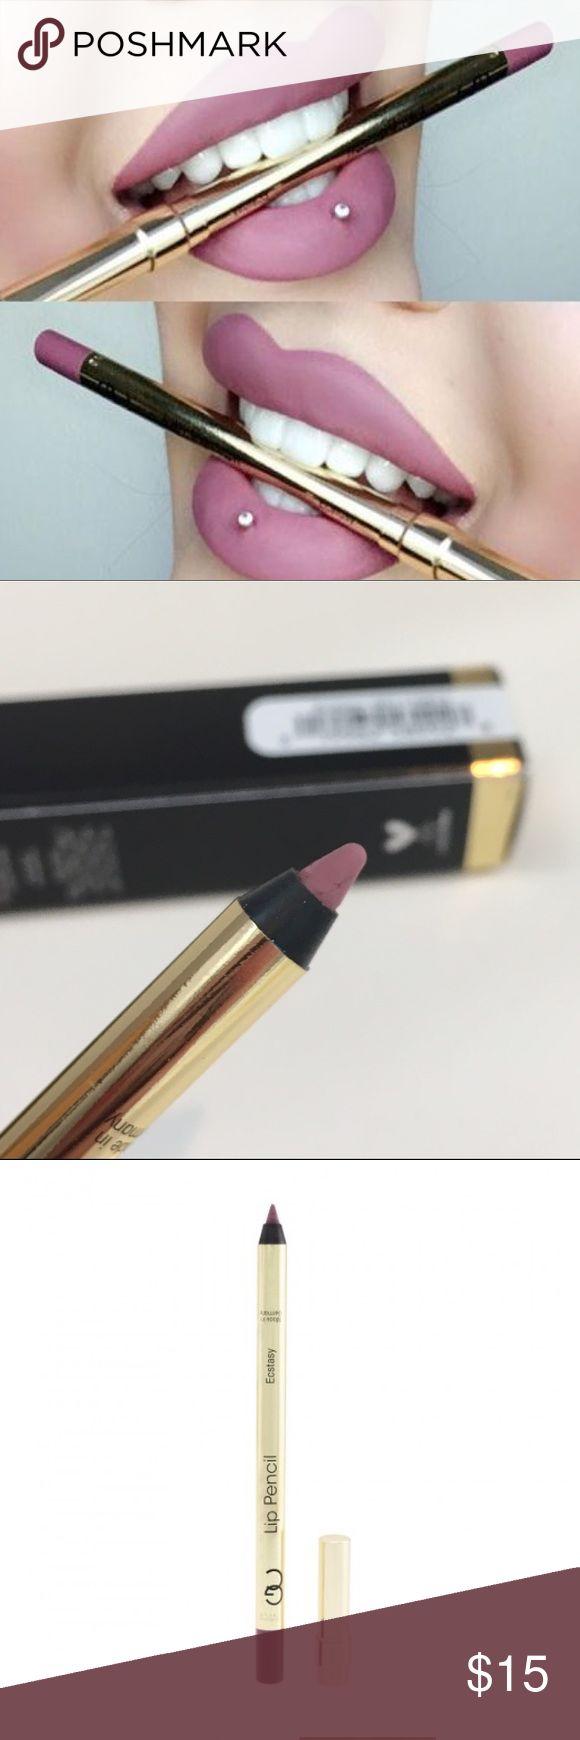 NWT Gerard Cosmetics Lip Pencil - Ecstasy NWT Gerard Cosmetics Lip Pencil - Ecstasy Gerard Cosmetics Makeup Lip Liner